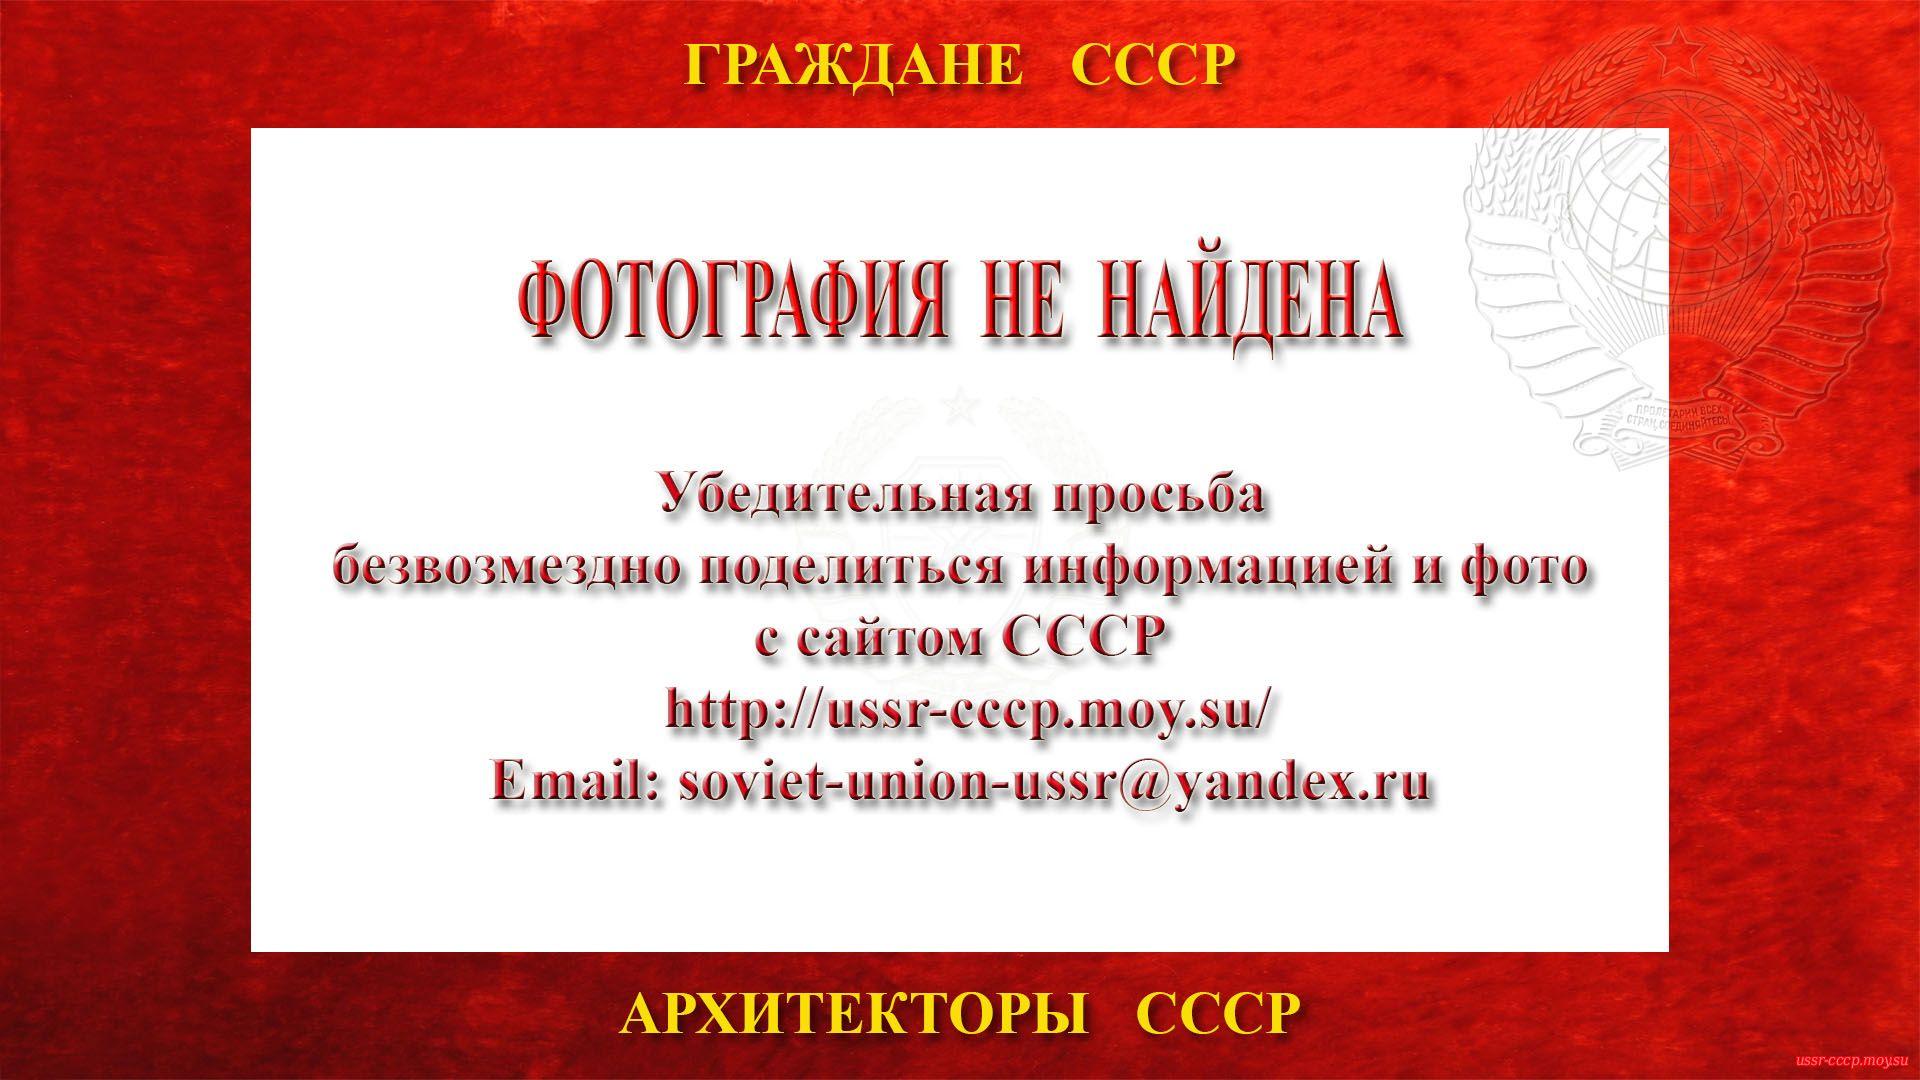 Прохорова Милица Ивановна — Советский архитектор (??.??.1907 — ??.??.1959)